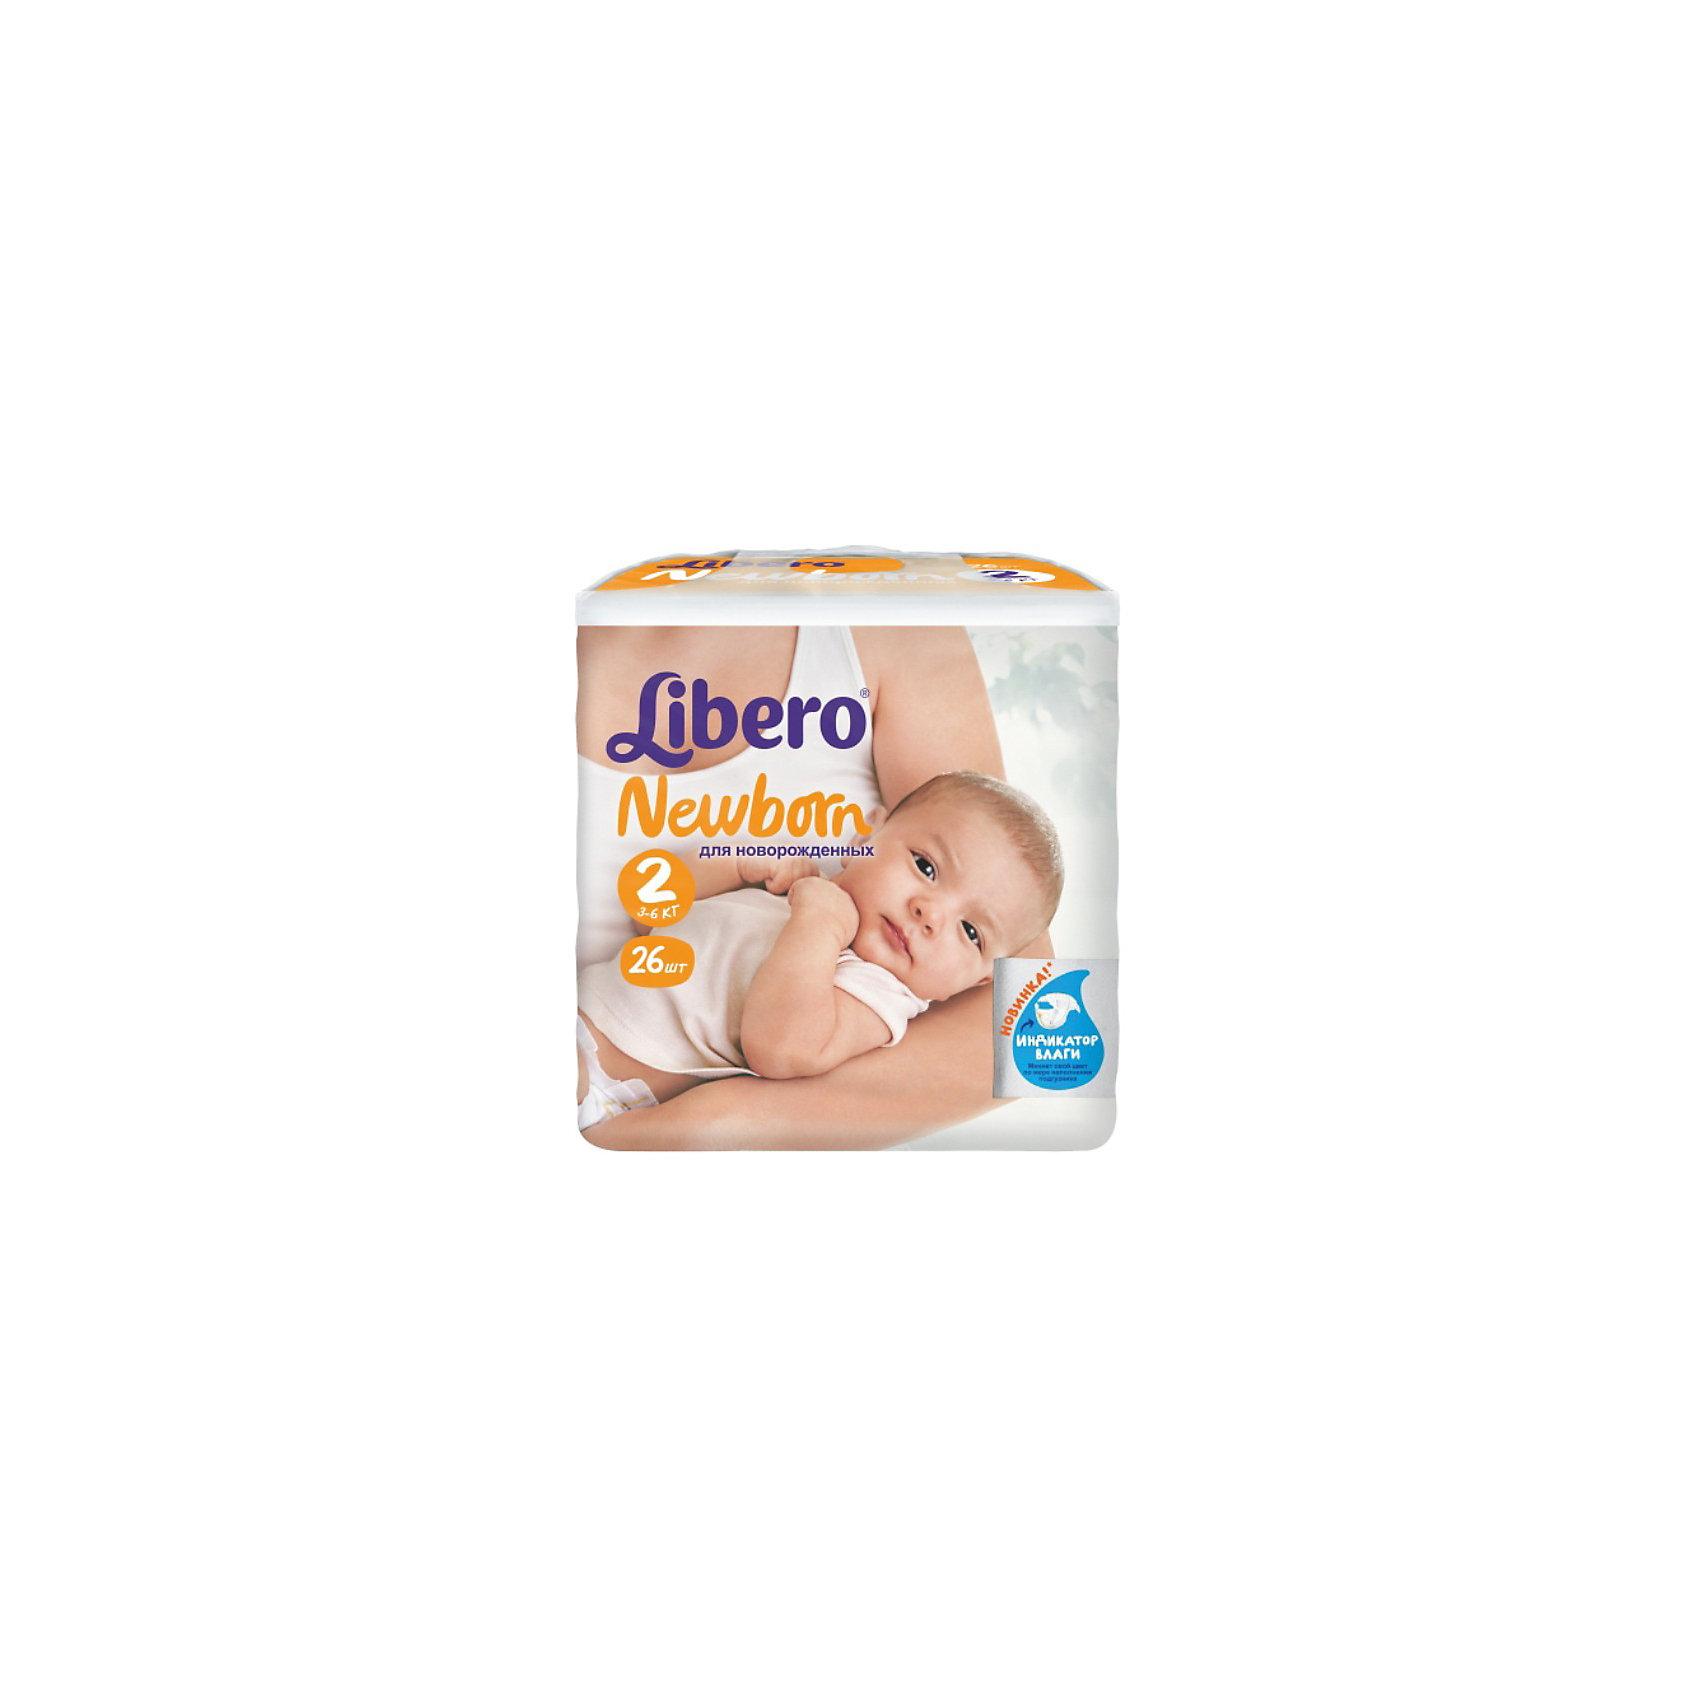 Подгузники Libero Newborn, Mini 3-6 кг (2), 26 шт.Трусики-подгузники 5-12 кг.<br>Подгузники Libero Newborn (Либеро Ньюборн) Size 2 (3-6кг), 26 шт.<br><br>Характеристики:<br><br>• быстро впитывают влагу и удерживают ее<br>• нетканый дышащий материал<br>• эластичный поясок<br>• специальный вырез для пупка<br>• мягкий барьер вокруг ног защитит от протеканий<br>• многоразовые застежки<br>• индикатор влаги<br>• размер: 2 (от 3 до 6 кг)<br>• количество в упаковке: 26 шт.<br><br>Кожа новорожденного ребенка требует особенно бережного ухода. Подгузники Libero Newborn прекрасно справятся с этой задачей. Они мягкие на ощупь и не содержат ароматизаторов. Кроме того, у подгузников есть специальный вырез спереди, который позволит избежать травмирования пупка. Подгузники хорошо и быстро впитывают влагу и даже жидкий стул. Мягкие барьеры и эластичный пояс надежно защищают от протеканий. Подгузники оснащены индикатором влаги, который поможет вам вовремя сменить подгузник. В подгузниках Libero Newborn ваш малыш будет изучать новый мир с комфортом!<br><br>Вы можете купить подгузники Libero Newborn (Либеро Ньюборн) Size 2 (3-6кг), 26 шт. в нашем интернет-магазине.<br><br>Ширина мм: 115<br>Глубина мм: 195<br>Высота мм: 189<br>Вес г: 613<br>Возраст от месяцев: 0<br>Возраст до месяцев: 3<br>Пол: Унисекс<br>Возраст: Детский<br>SKU: 3517609